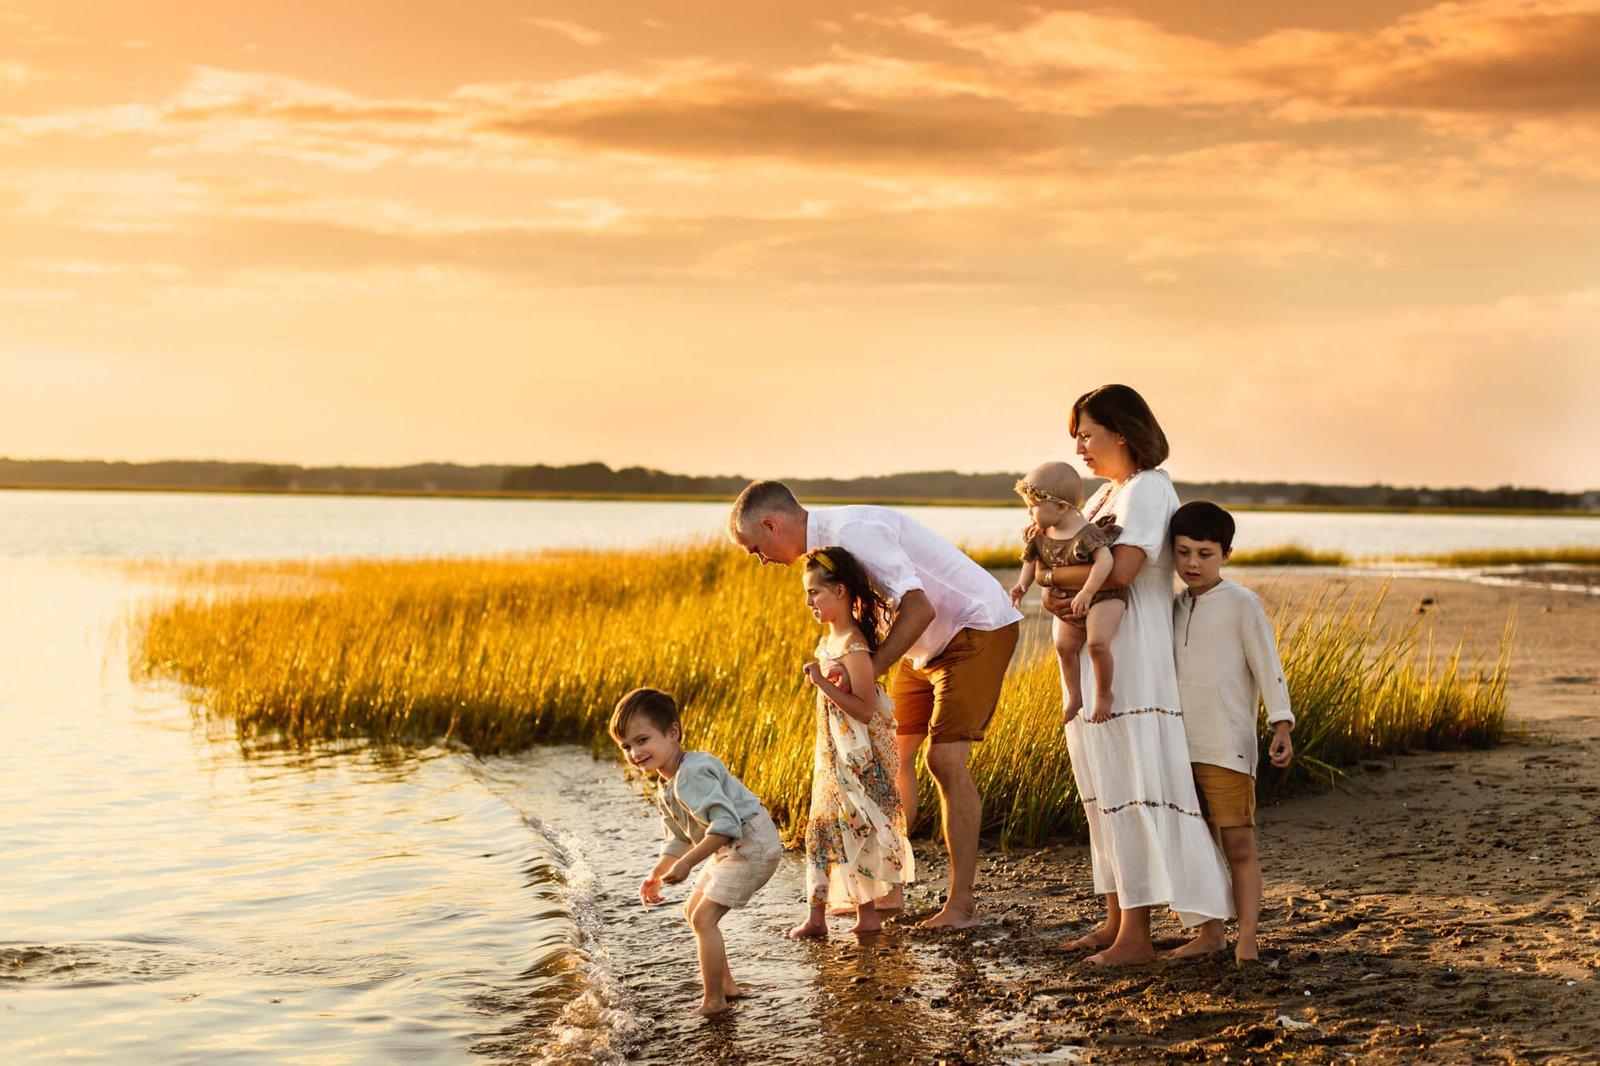 Duxbury Beach Family Photo Session -6